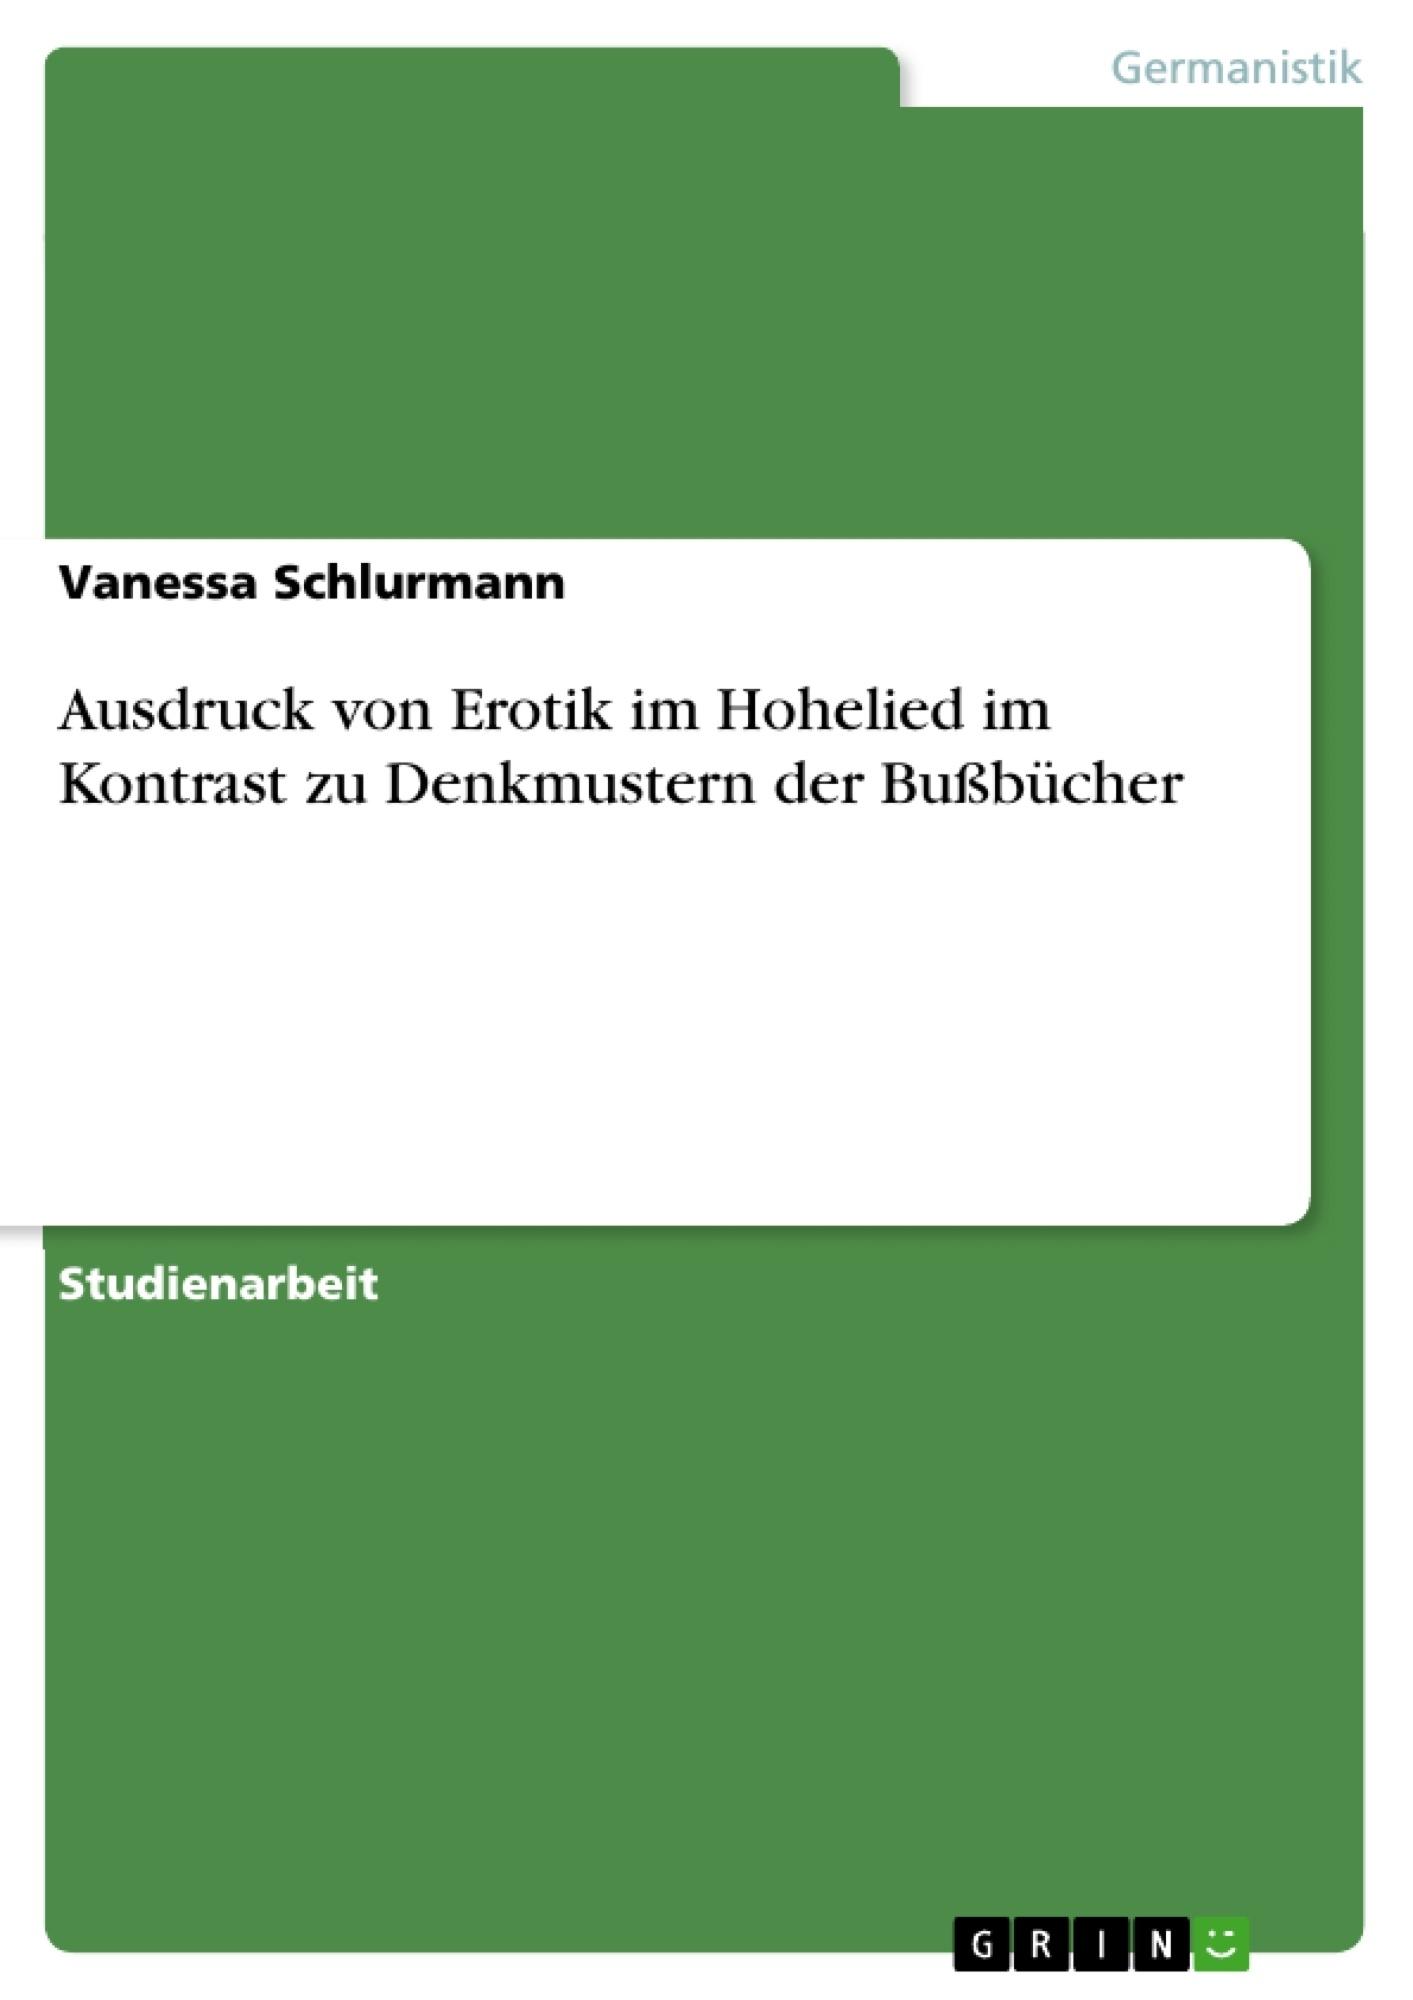 Titel: Ausdruck von Erotik im Hohelied im Kontrast zu Denkmustern der Bußbücher